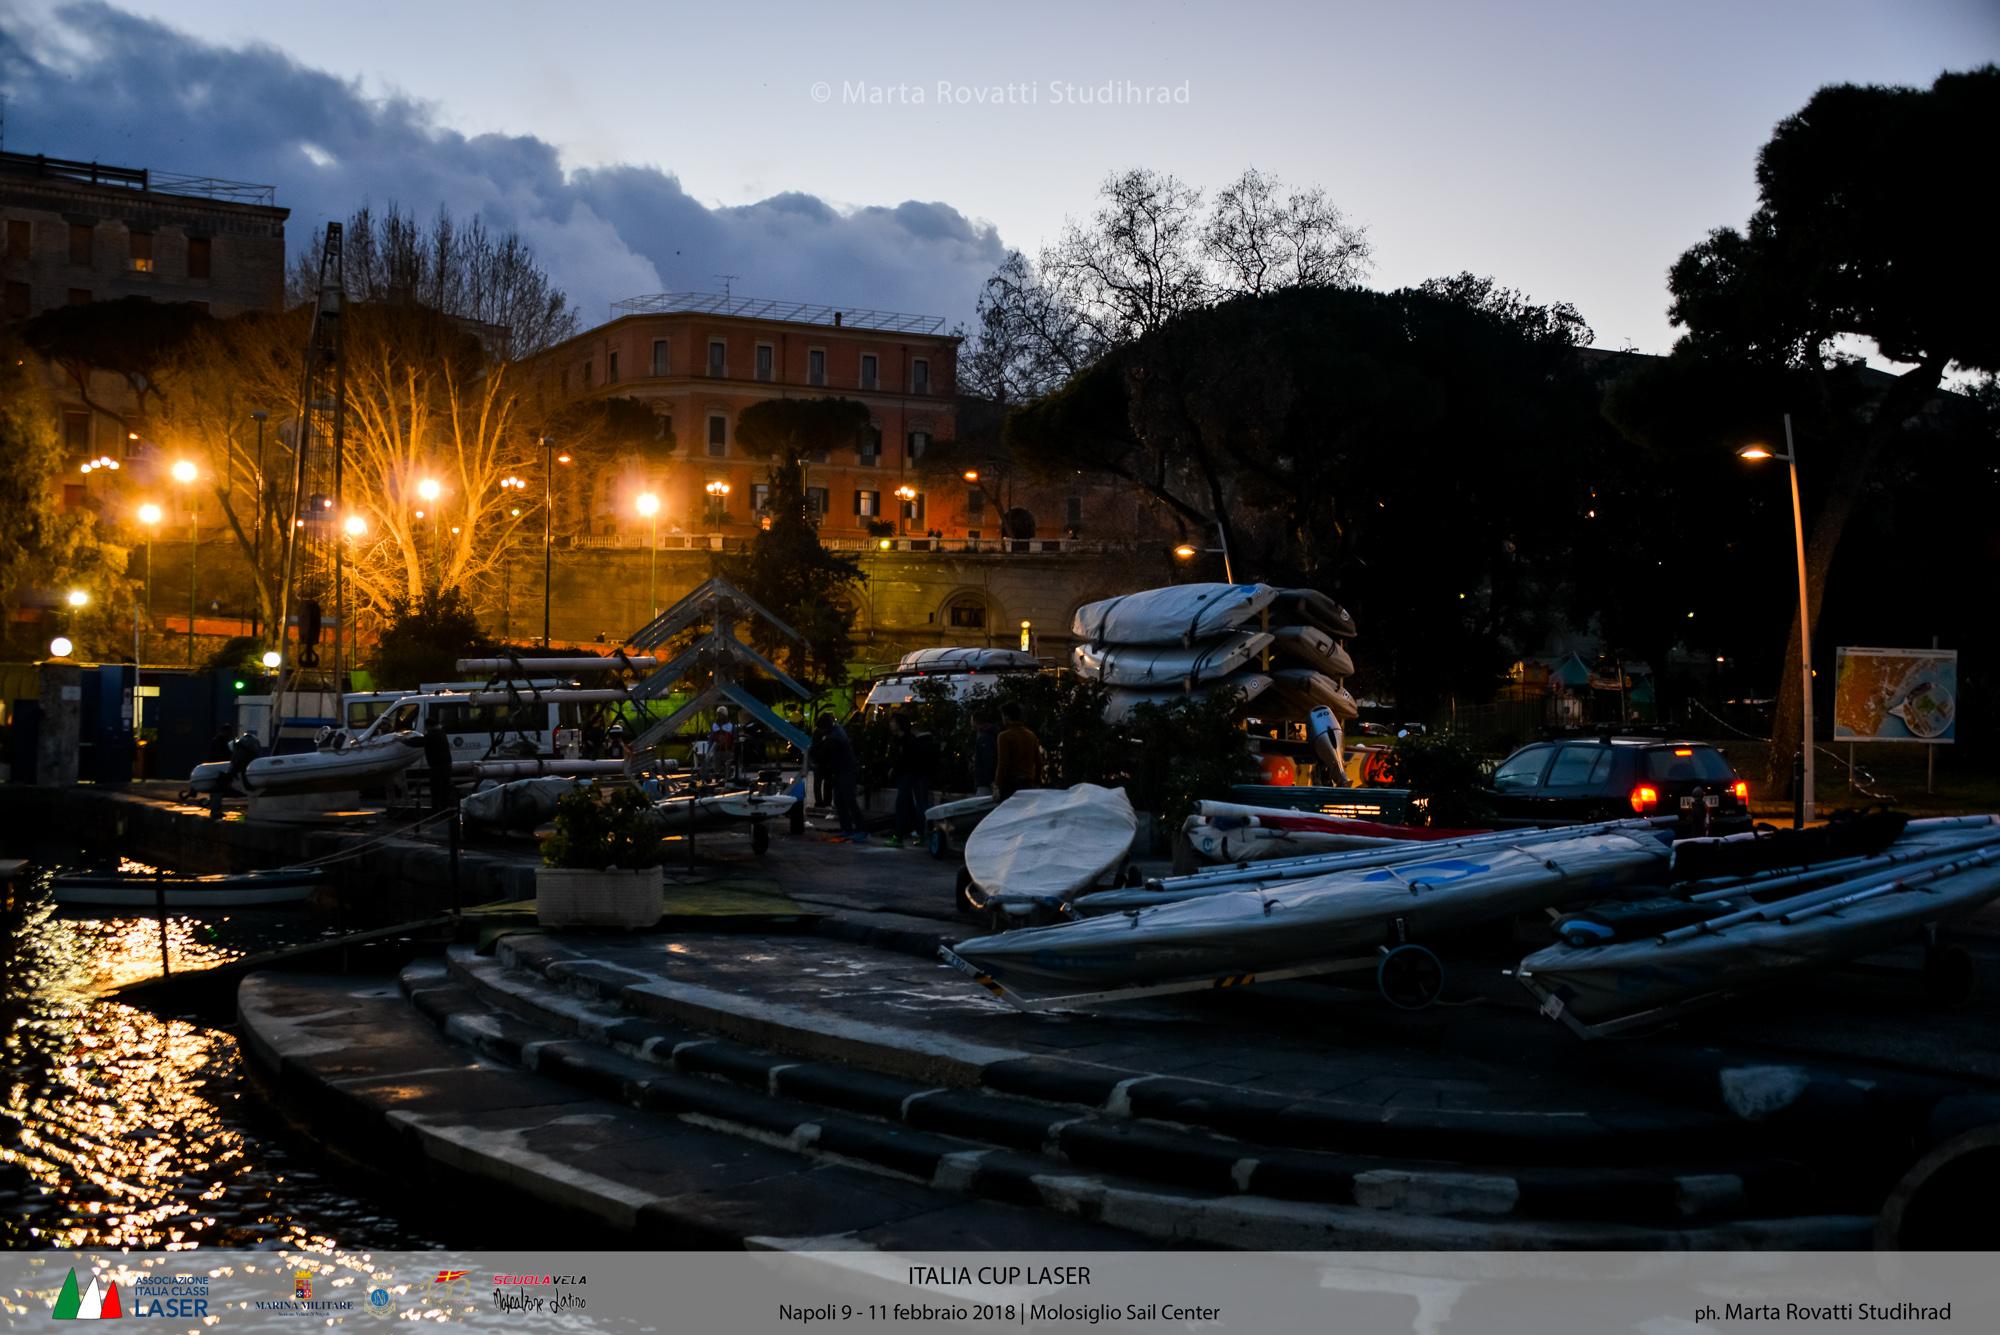 Associazione-Italia-Classi-Laser-2018-NapoliMGR_9324